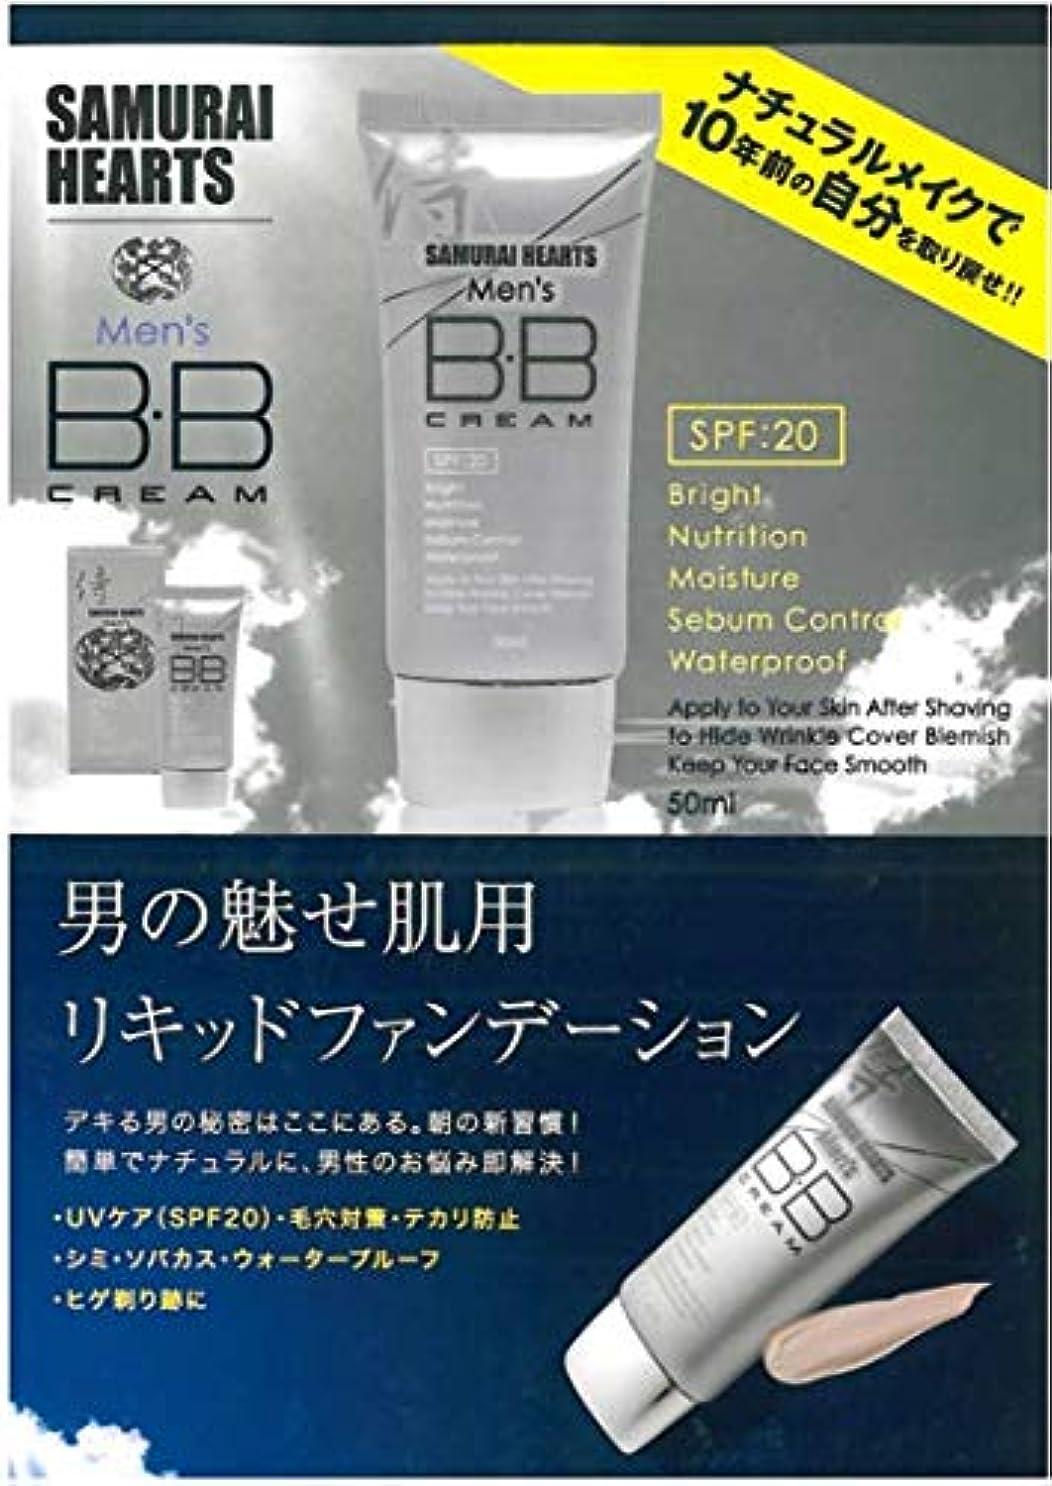 クレジットミサイルアンビエントサムライハーツBBクリーム BBクリーム ファンデーション 男性用 メンズ 化粧品